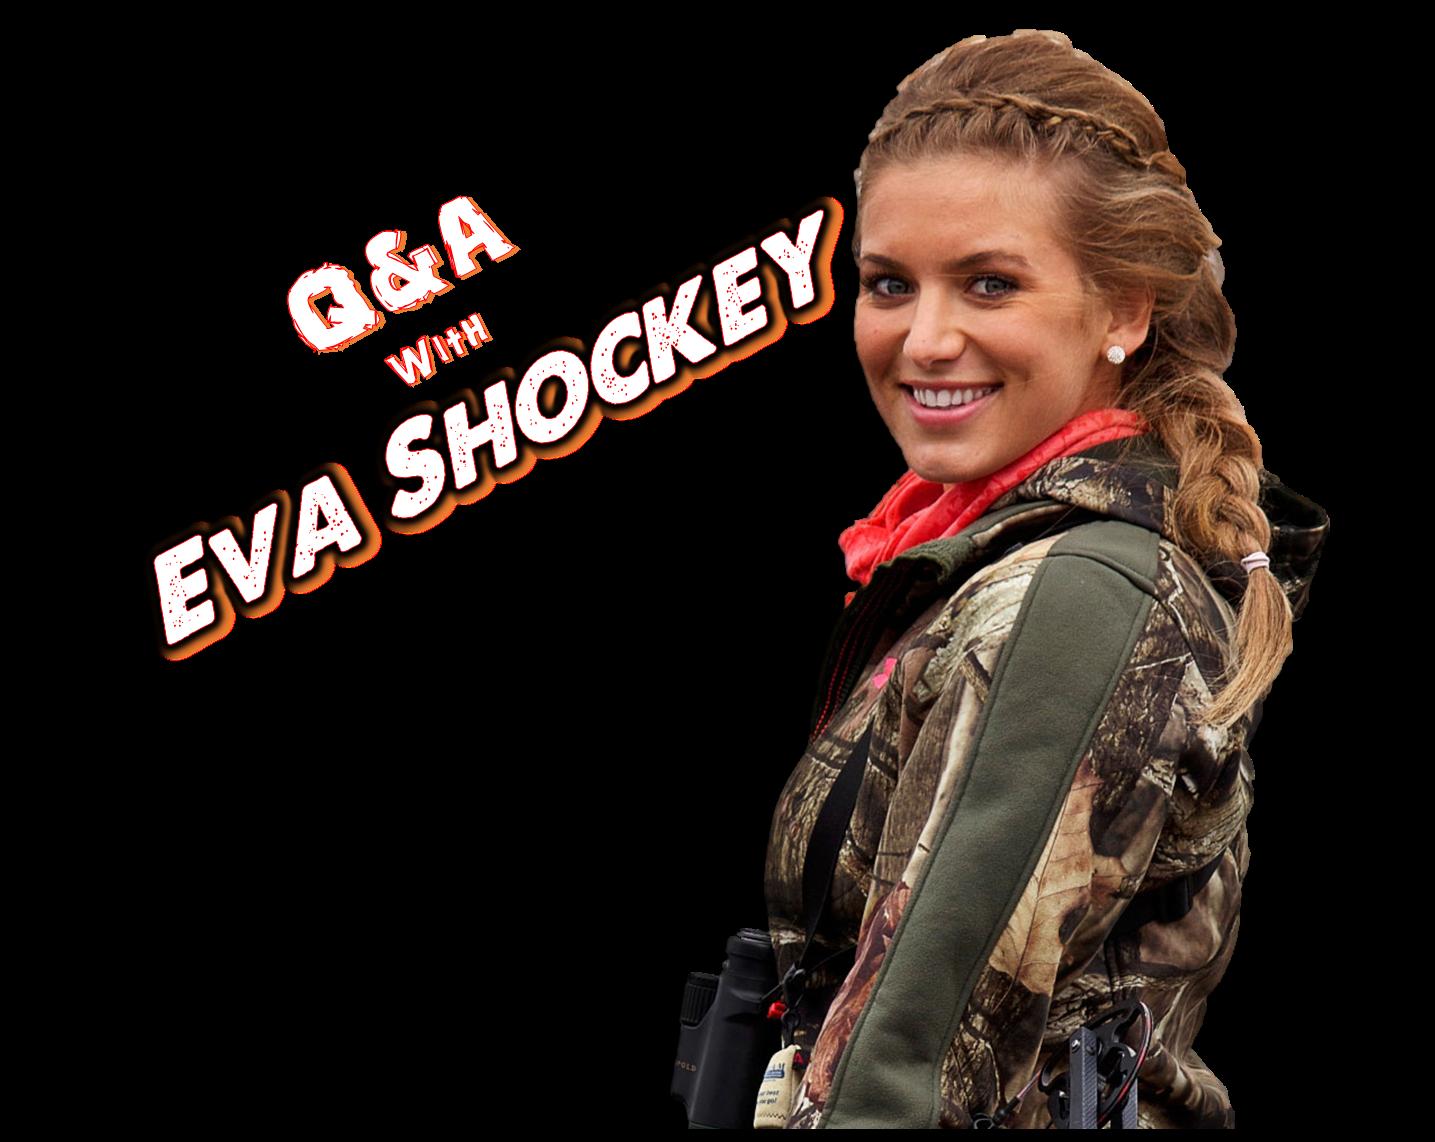 Eva shockey age